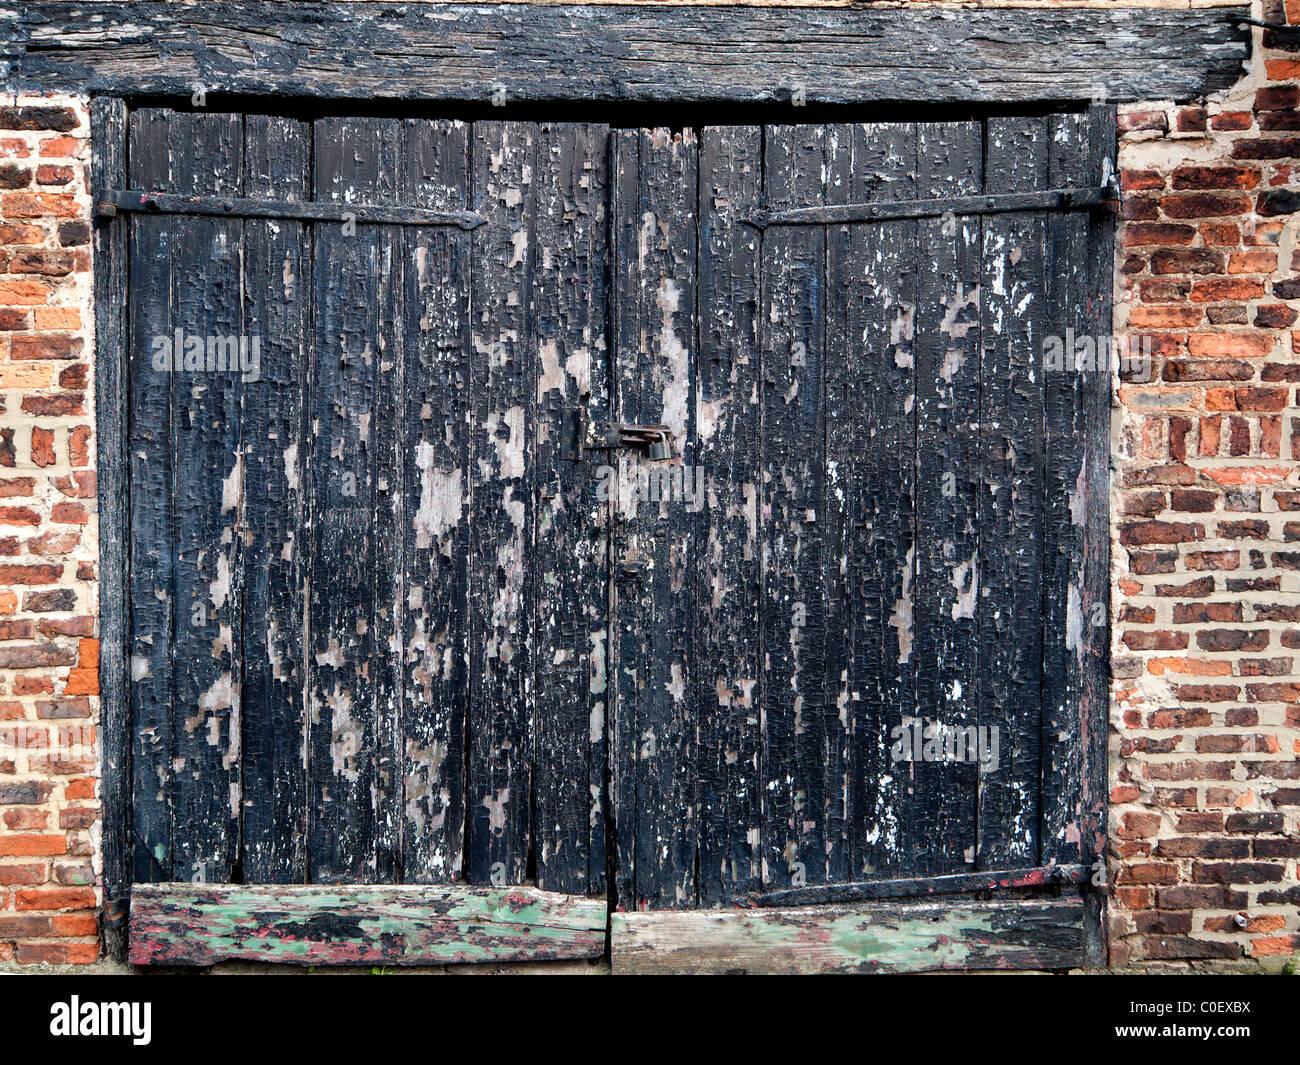 Old wooden garage door in need of redecoration with black paint old wooden garage door in need of redecoration with black paint peeling off rubansaba